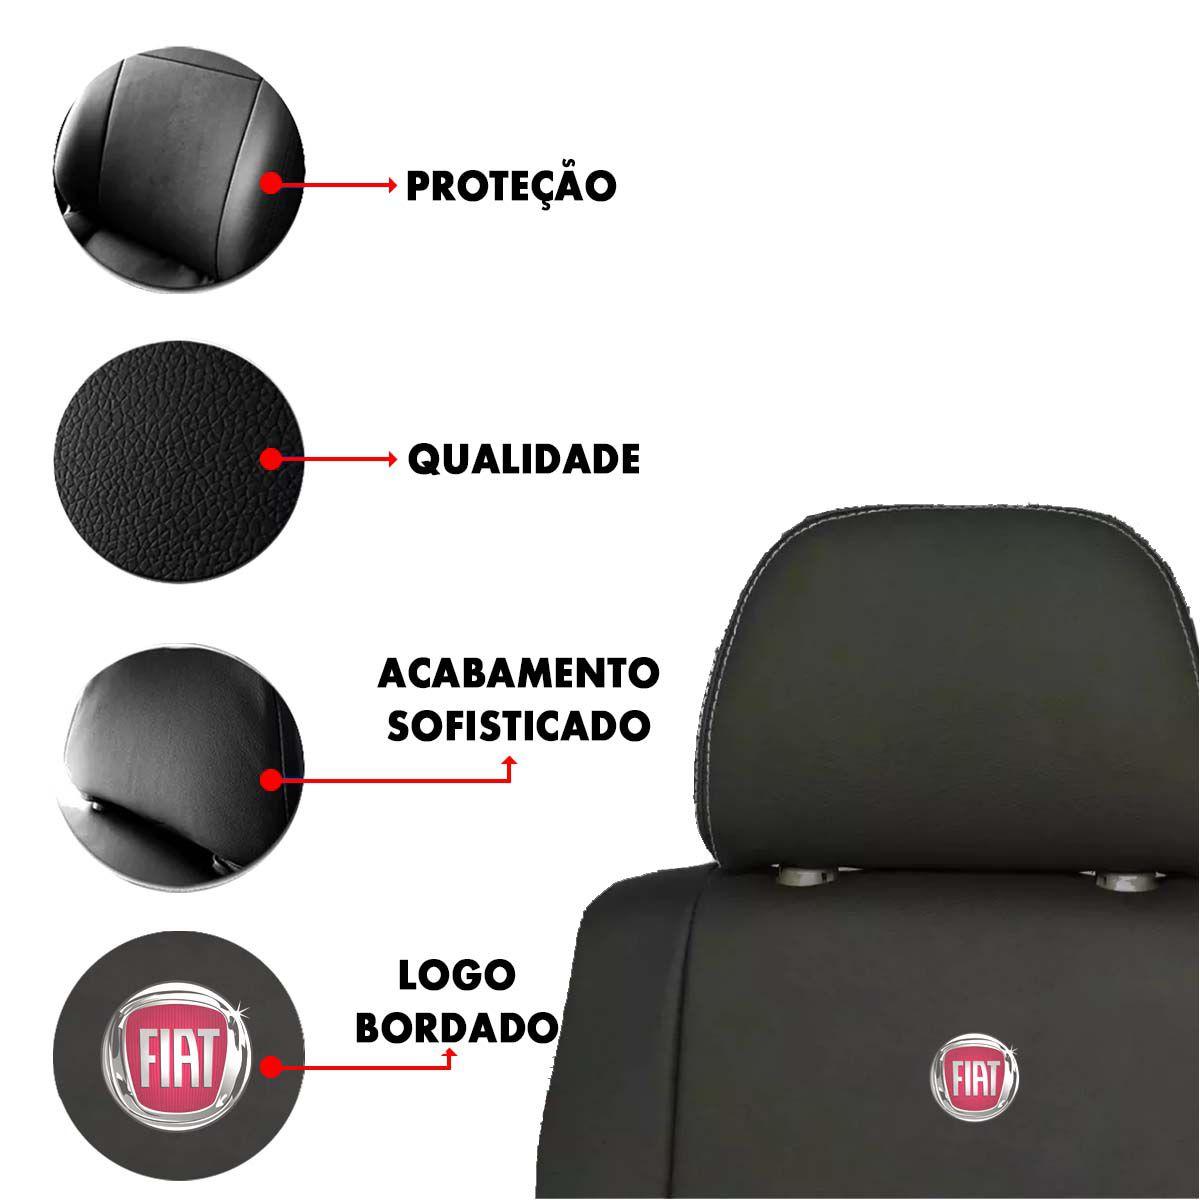 Capa de Banco Fiat Palio Uno Siena Strada Stilo Punto Idea Couro Sintetico Bordado Poliparts